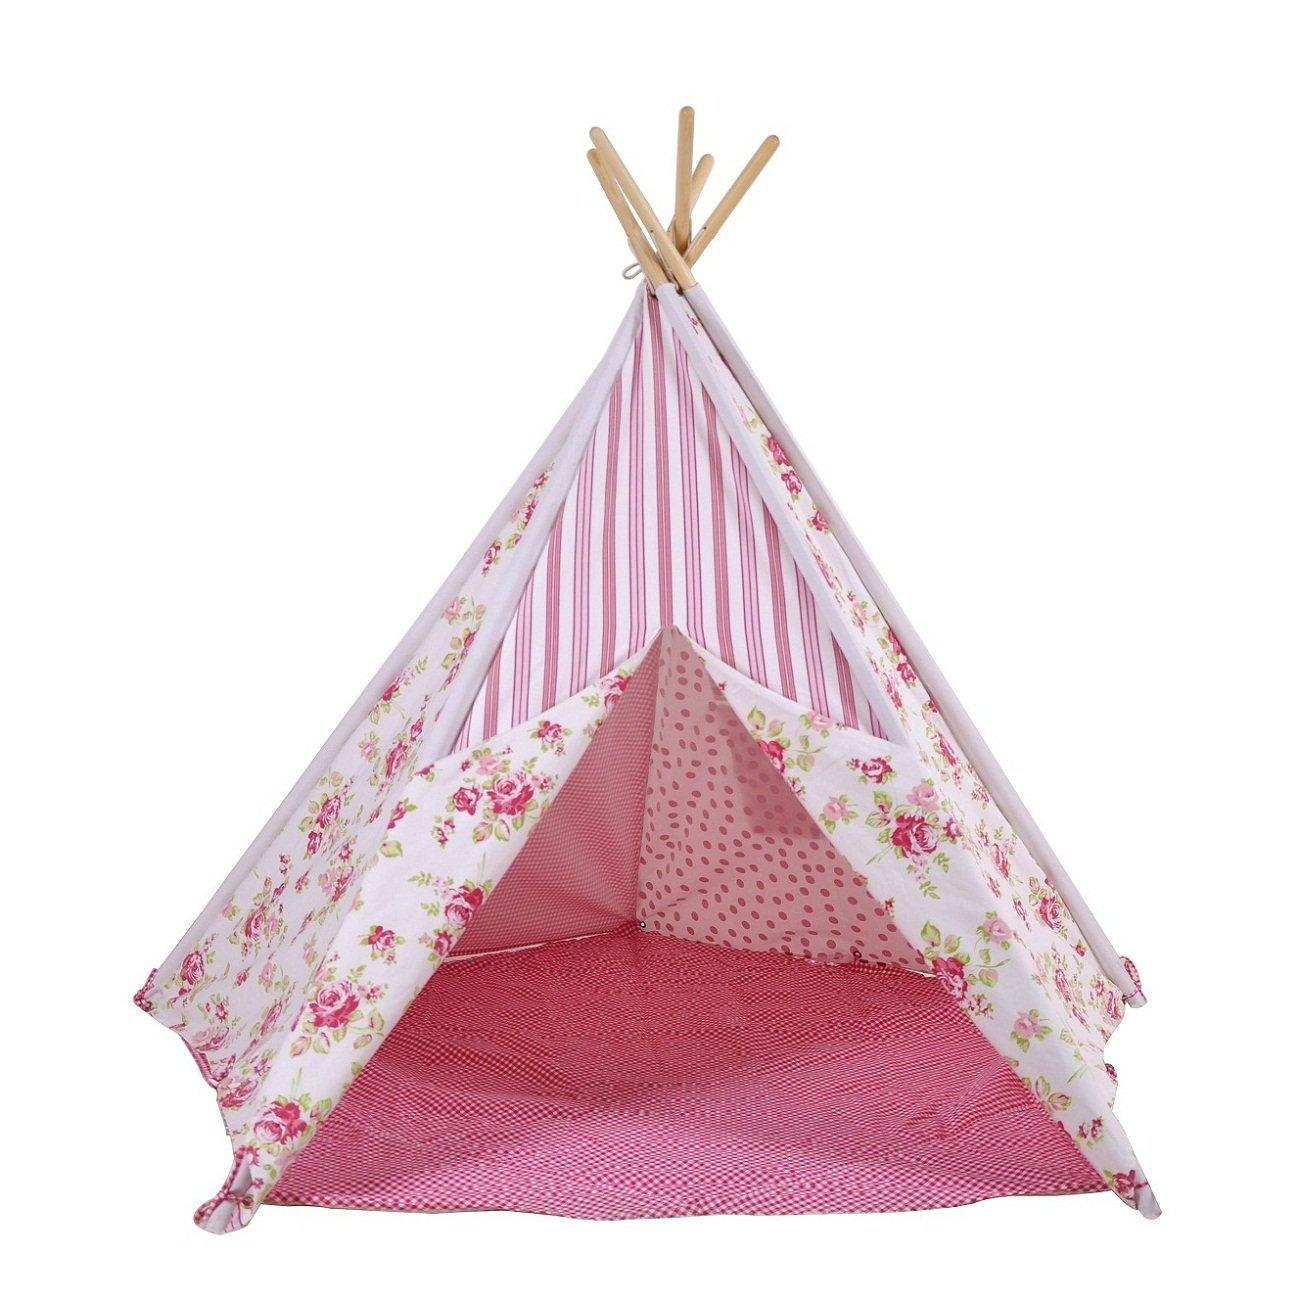 Indianertipi Kinder Teepee Zelt mit Blumenmuster pink/Weiss